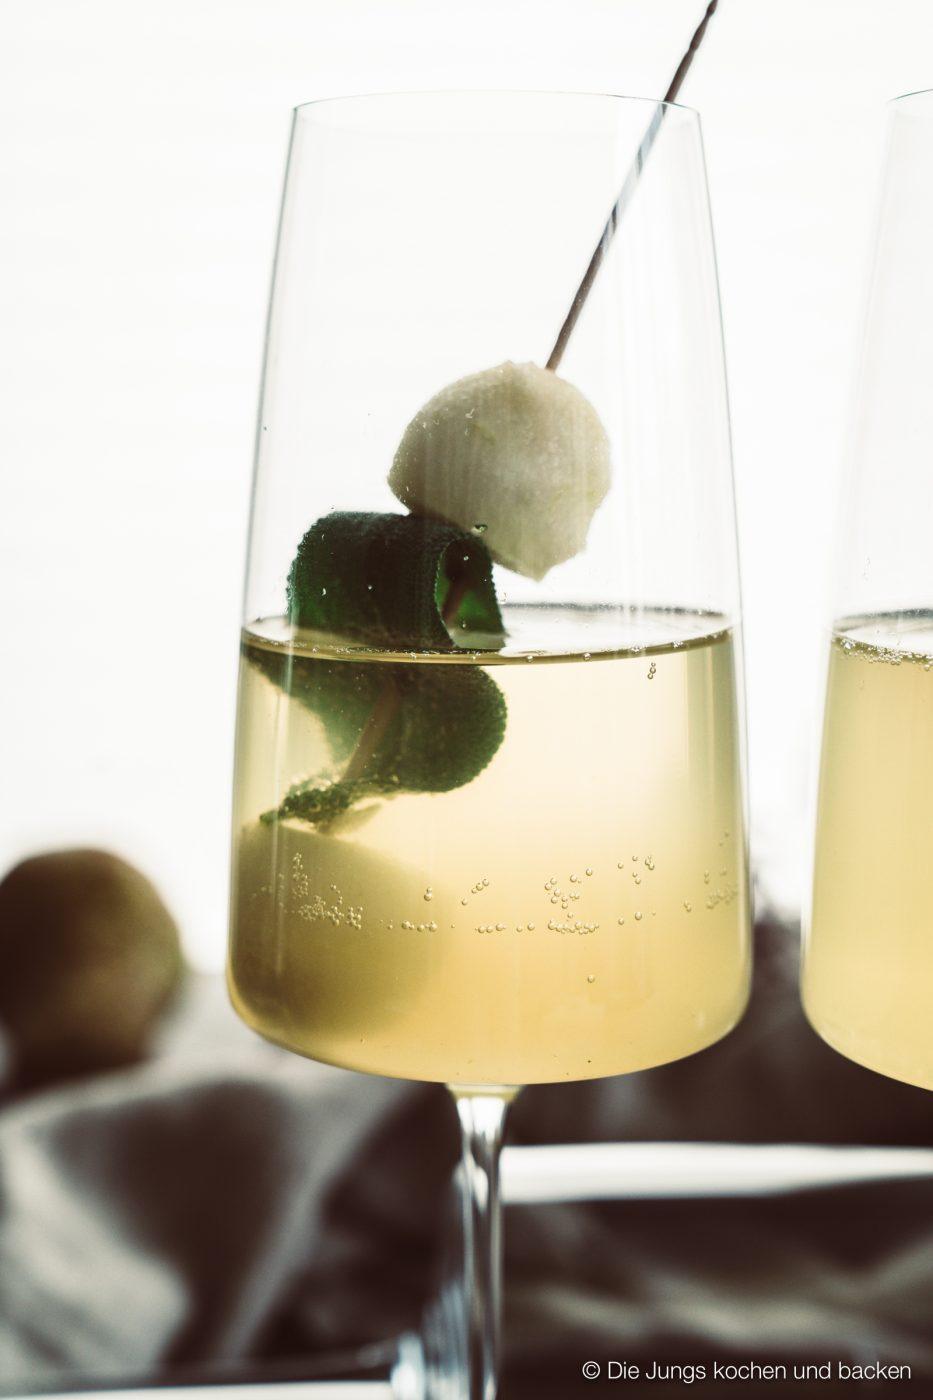 Williams Royale sektcocktail zwiesel 11 | Heute melden wir uns noch ein Mal mit einem letzten Rezeptpost für das Jahr 2019. Und was bietet sich da Schöneres an, als ein toller Drink, den man zwar nicht nur, aber auch zu Silvester servieren kann. Und unser Jahresabschluss Cocktail heißt Williams Royal.